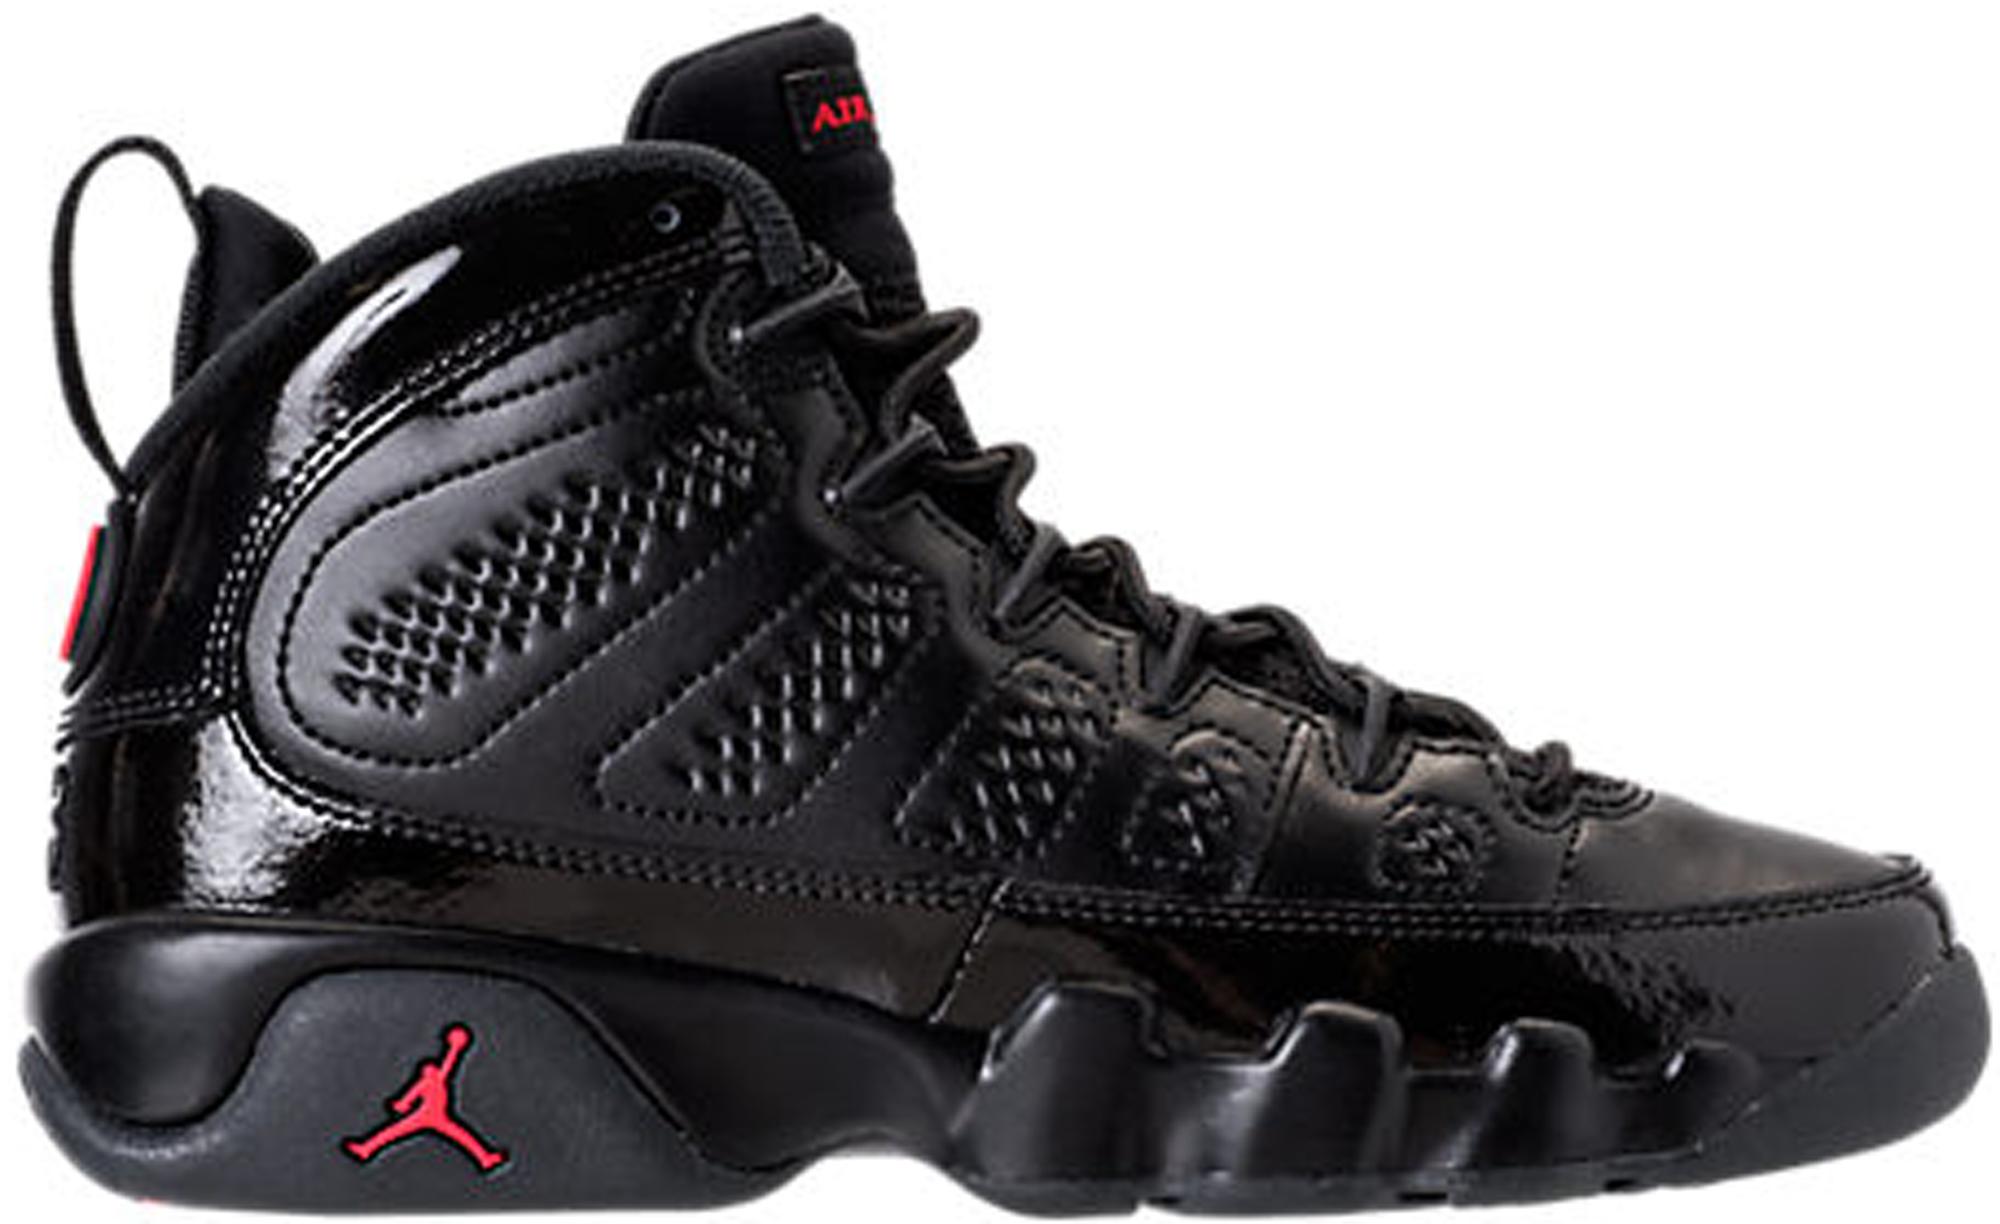 Jordan 9 Retro Bred Patent (GS